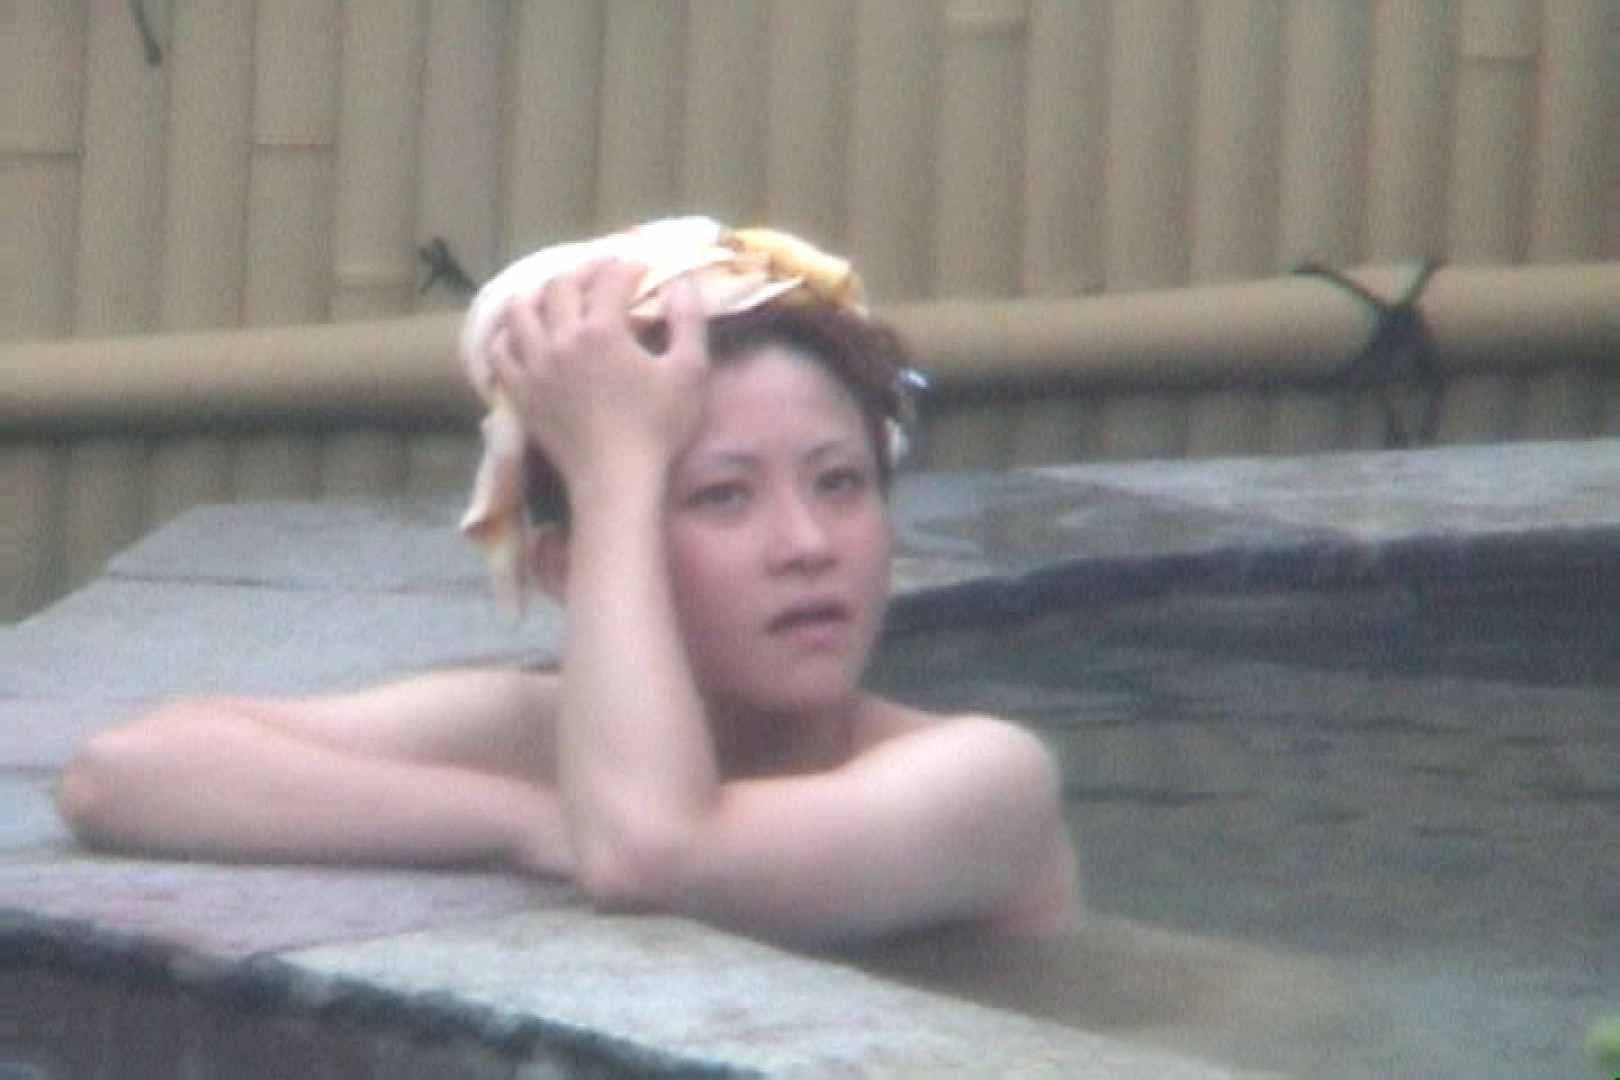 Aquaな露天風呂Vol.48【VIP限定】 OLのエロ生活  74連発 30